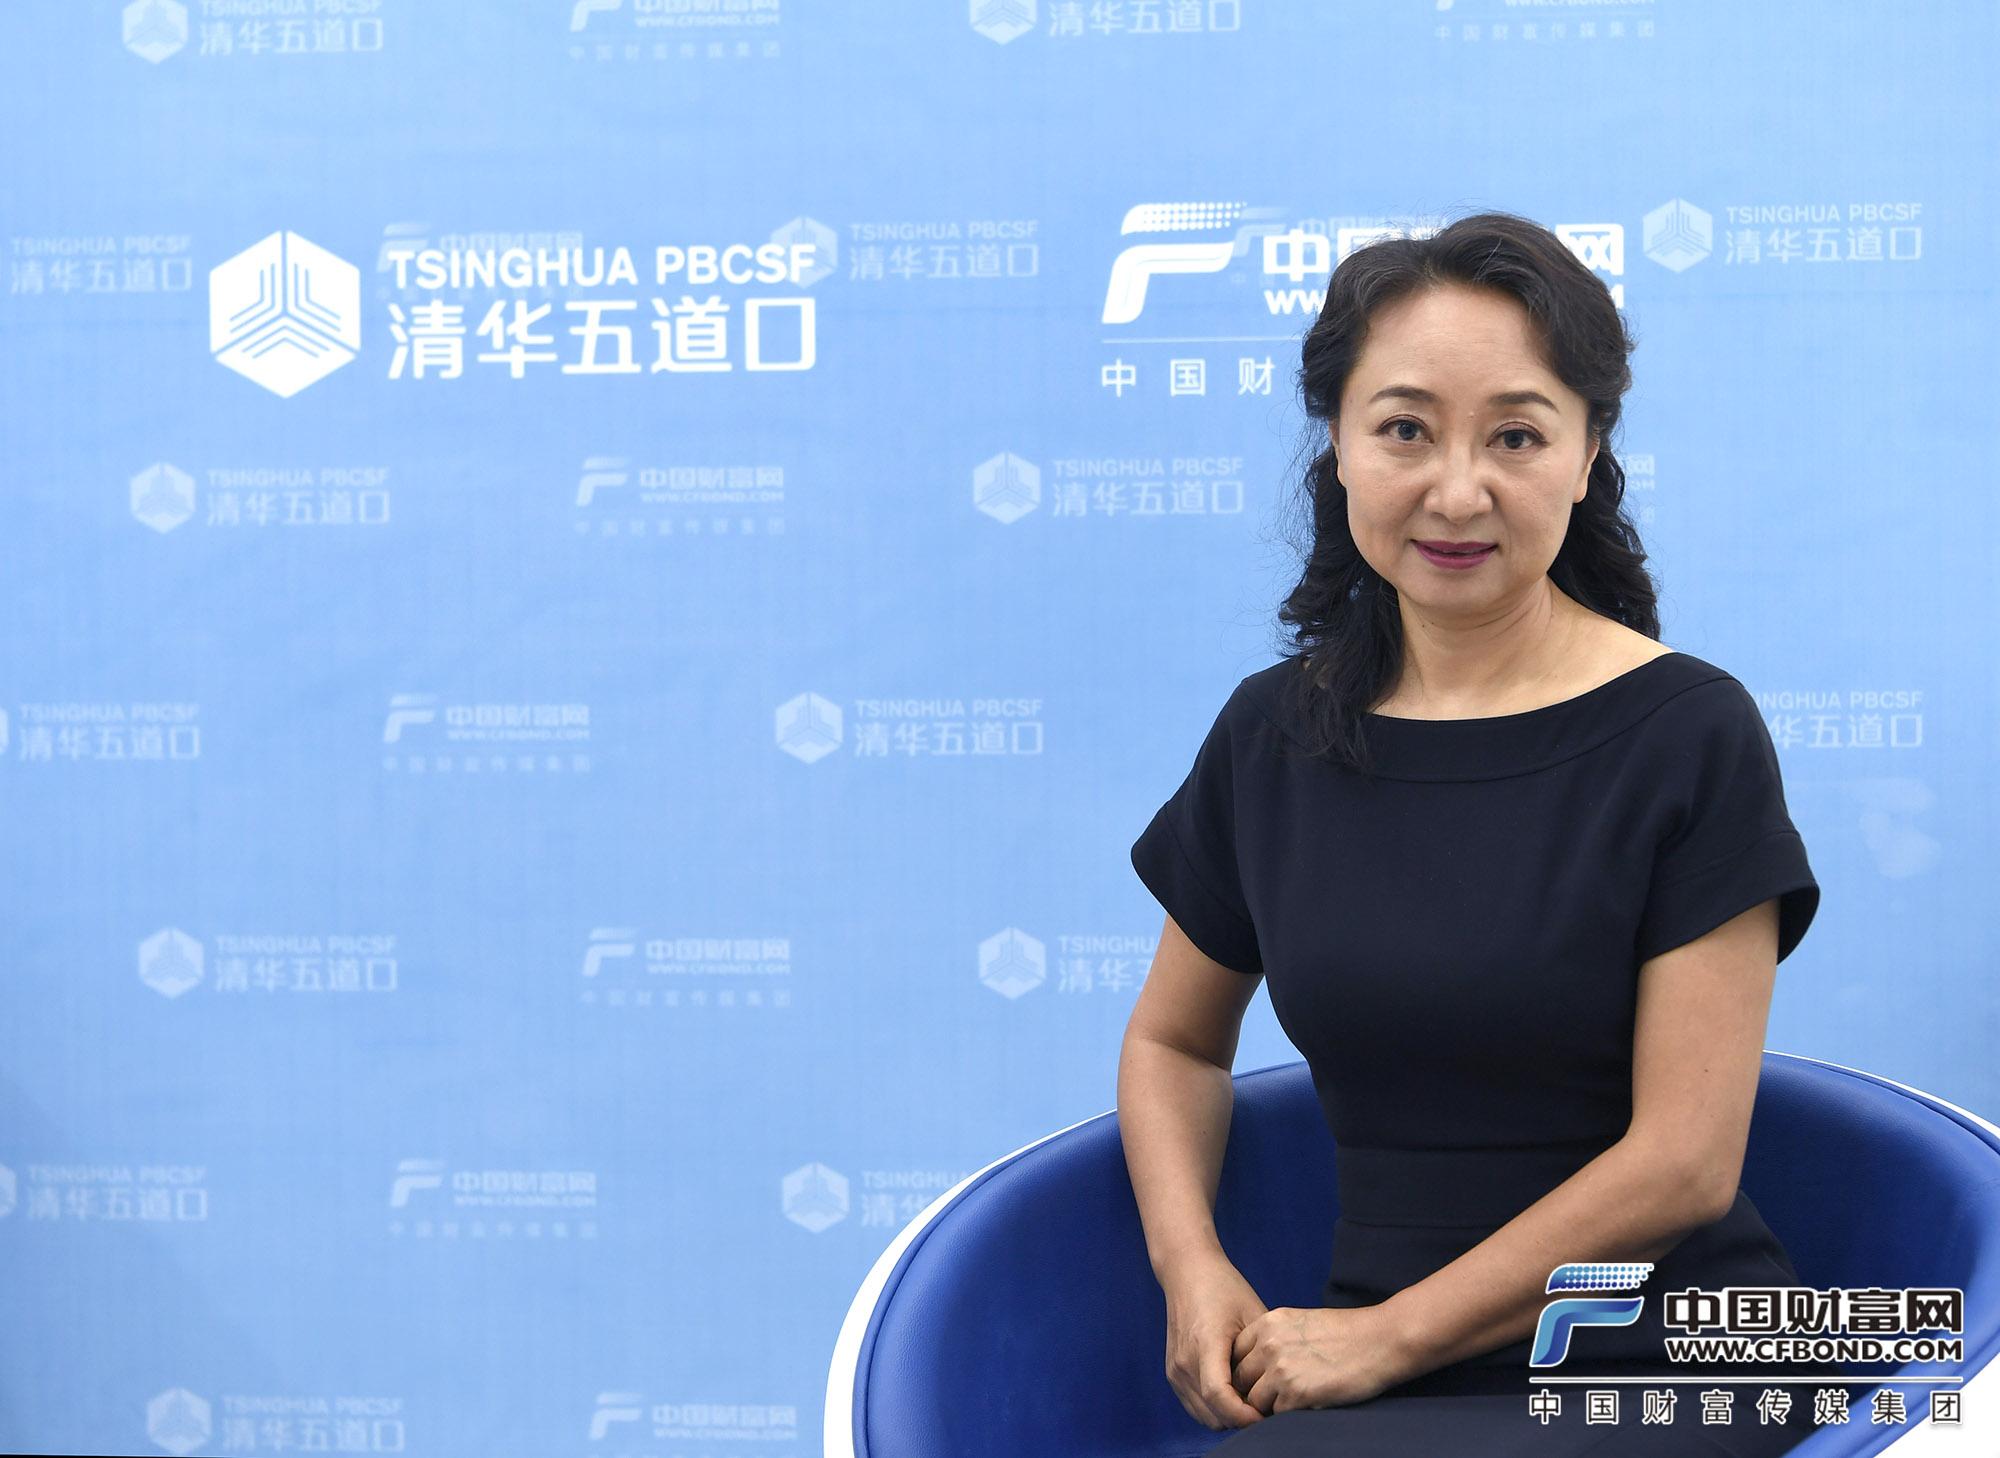 王娴:积极履行社会责任,实现企业和社会共赢